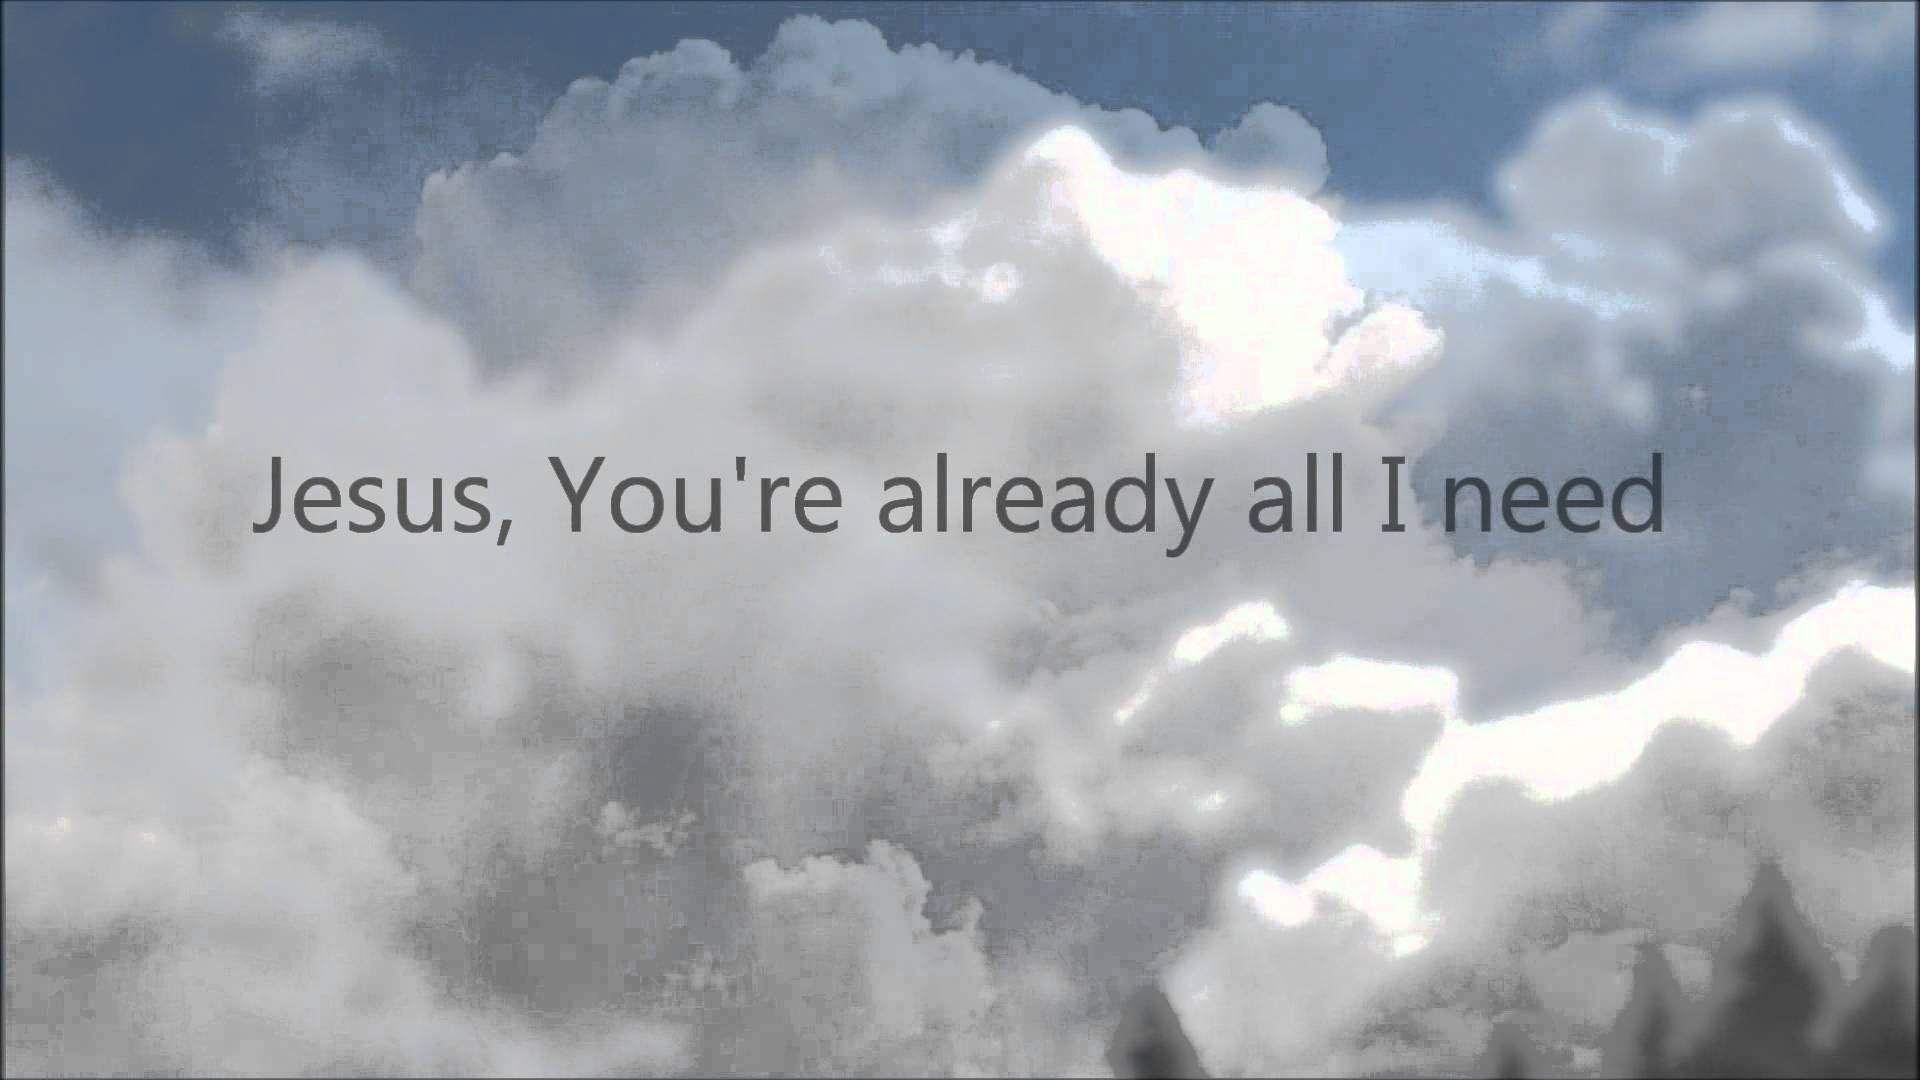 Already all I need [lyrics] - Christy Nockels